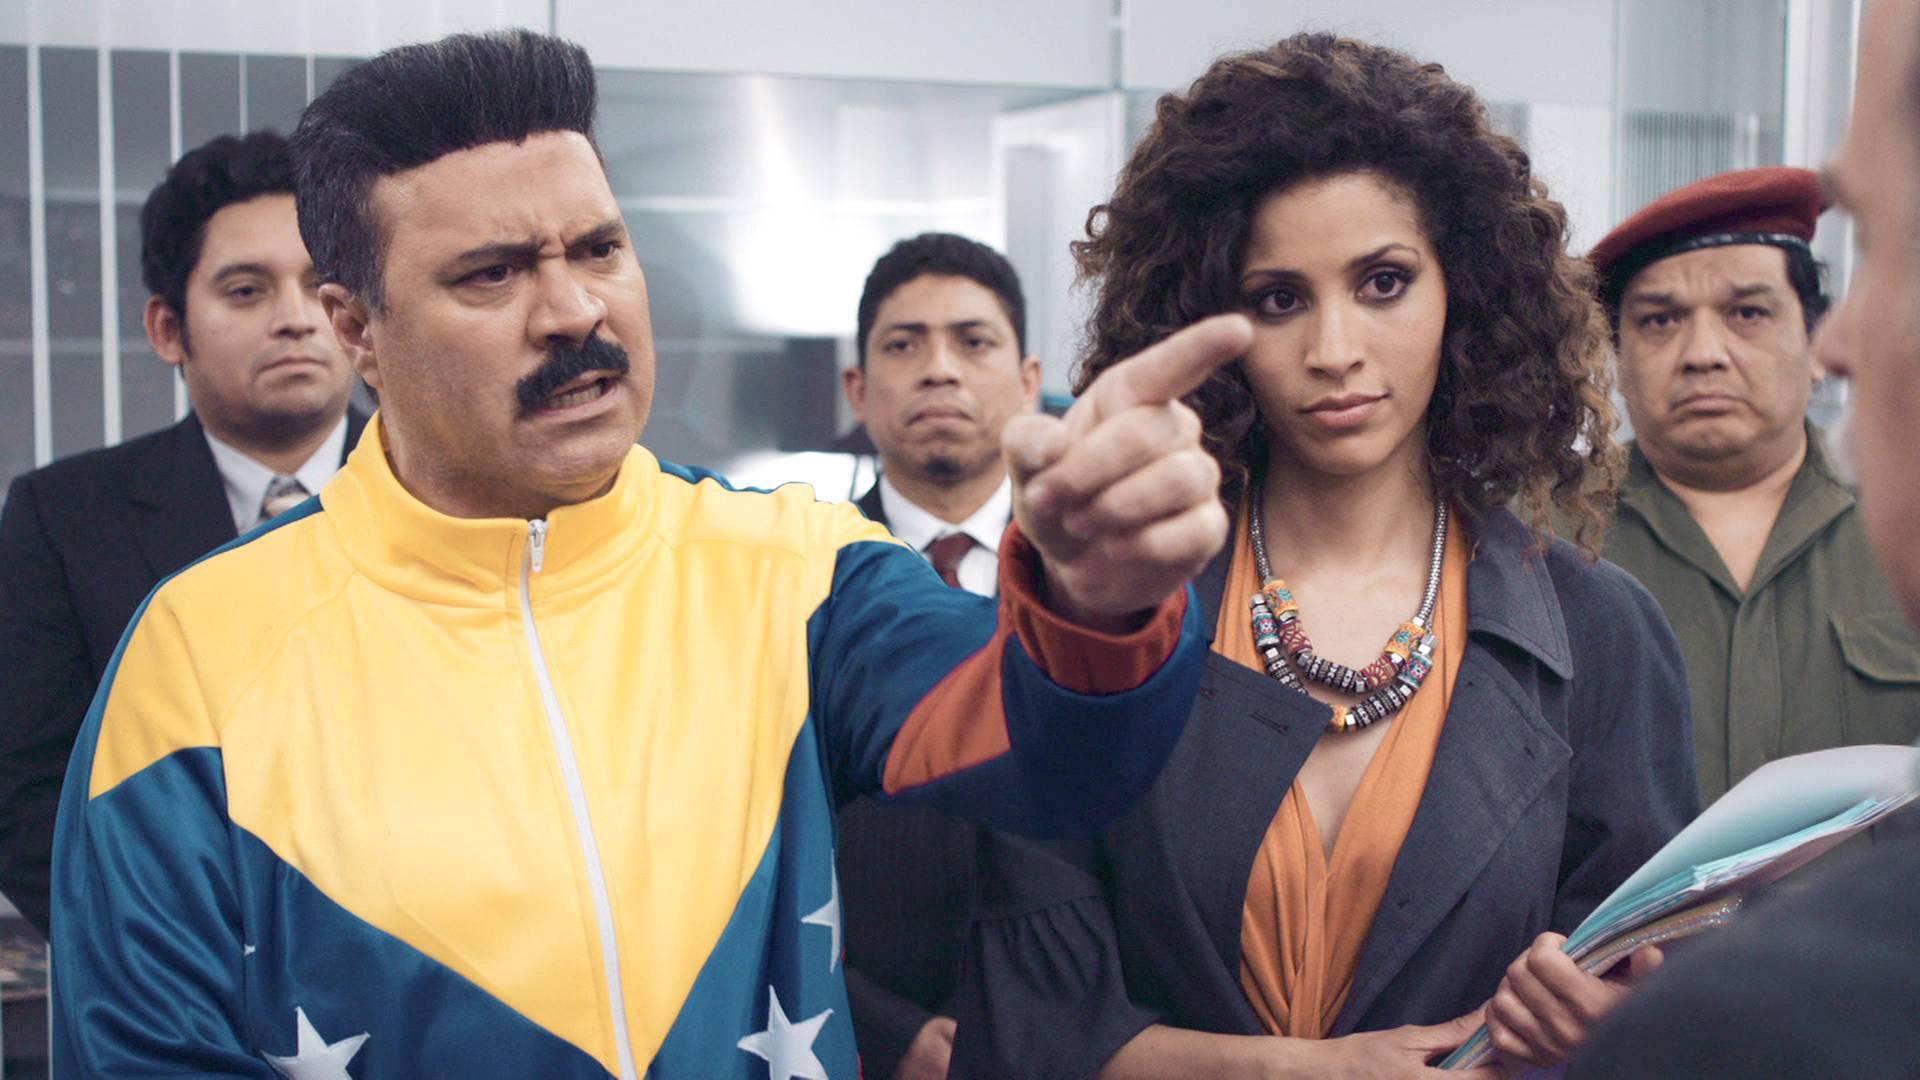 Una de las escenas de 'Cuerpo de élite' donde se parodia al presidente de Venezuela.